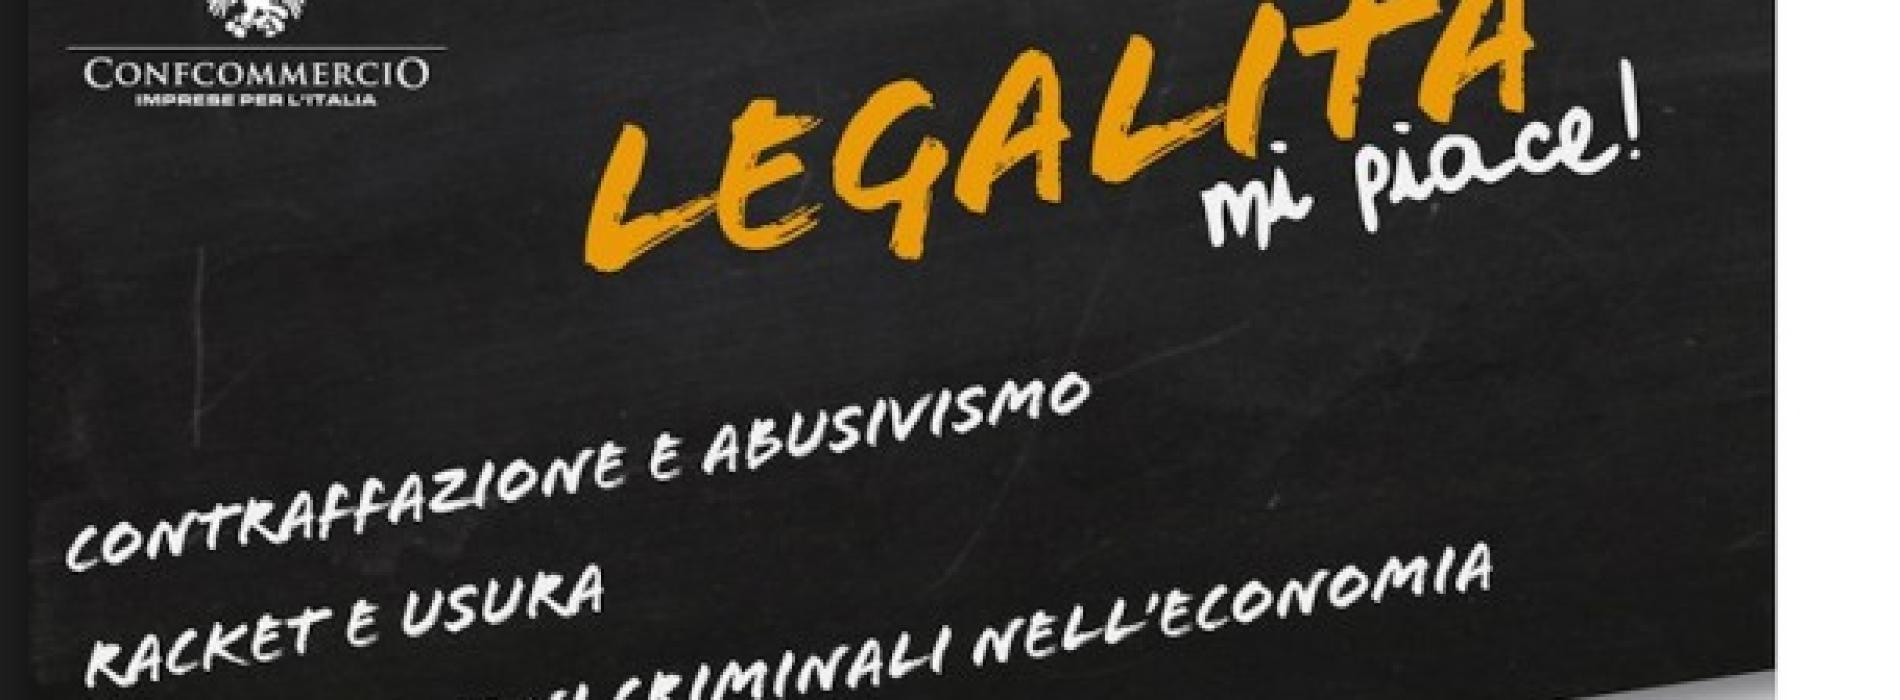 Legalità, mi piace. Giornata nazionale di Confcommercio